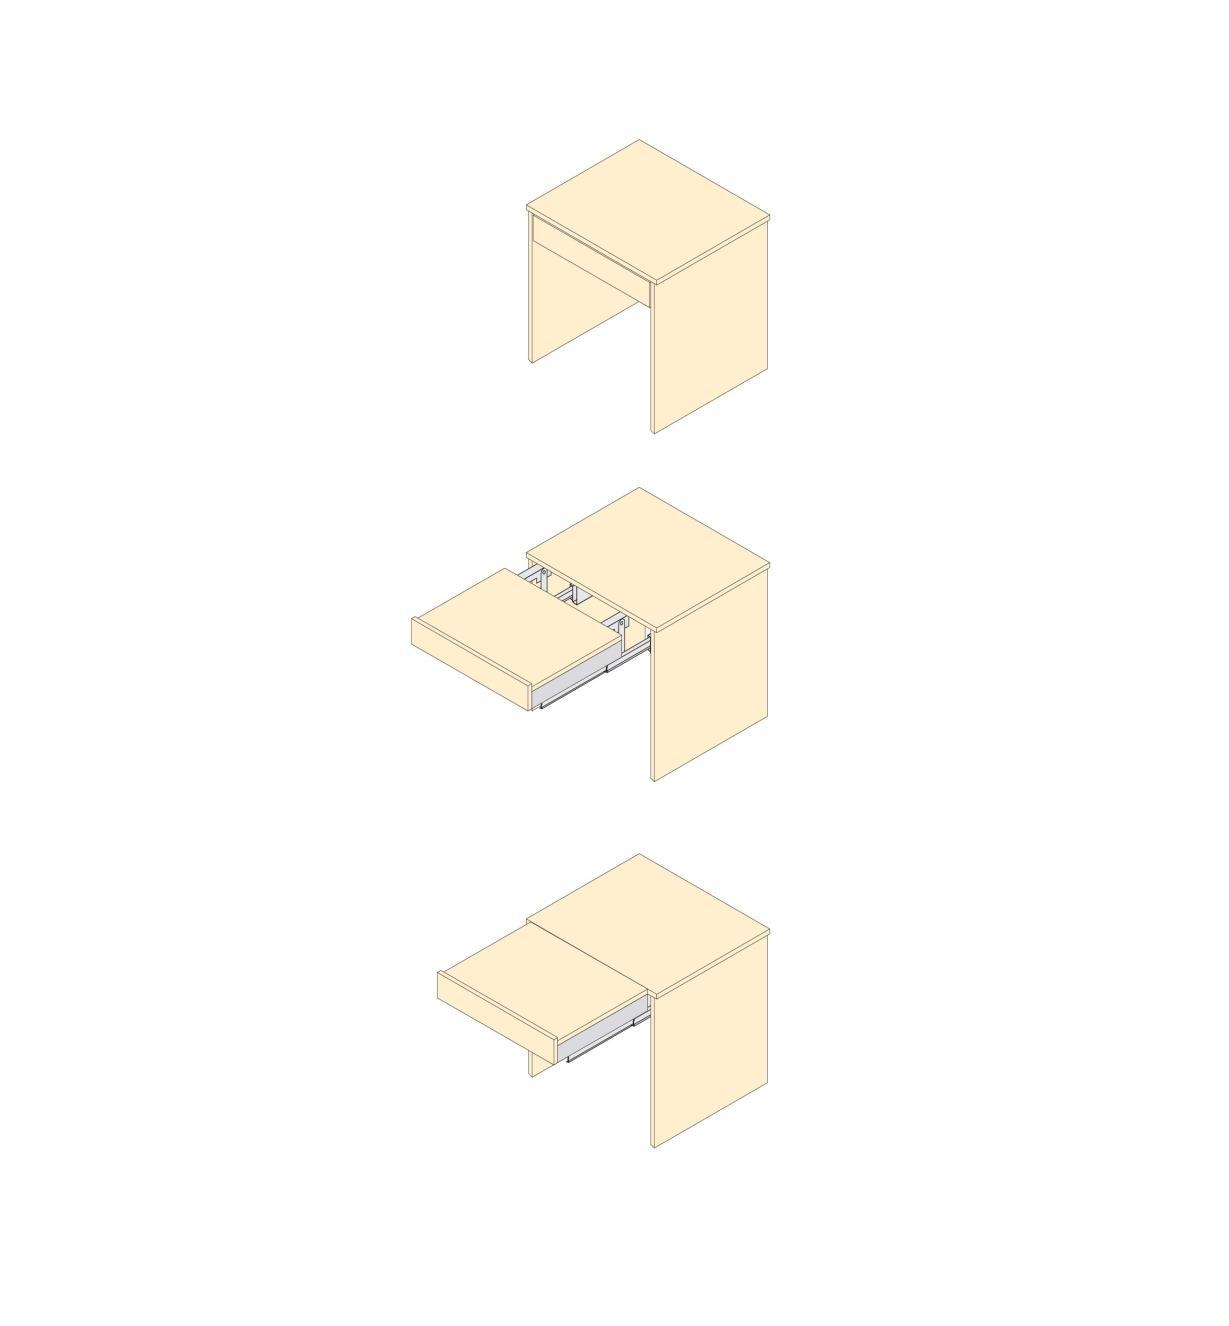 12K1640 - Coulisses pour rallonge de surface de travail, la paire